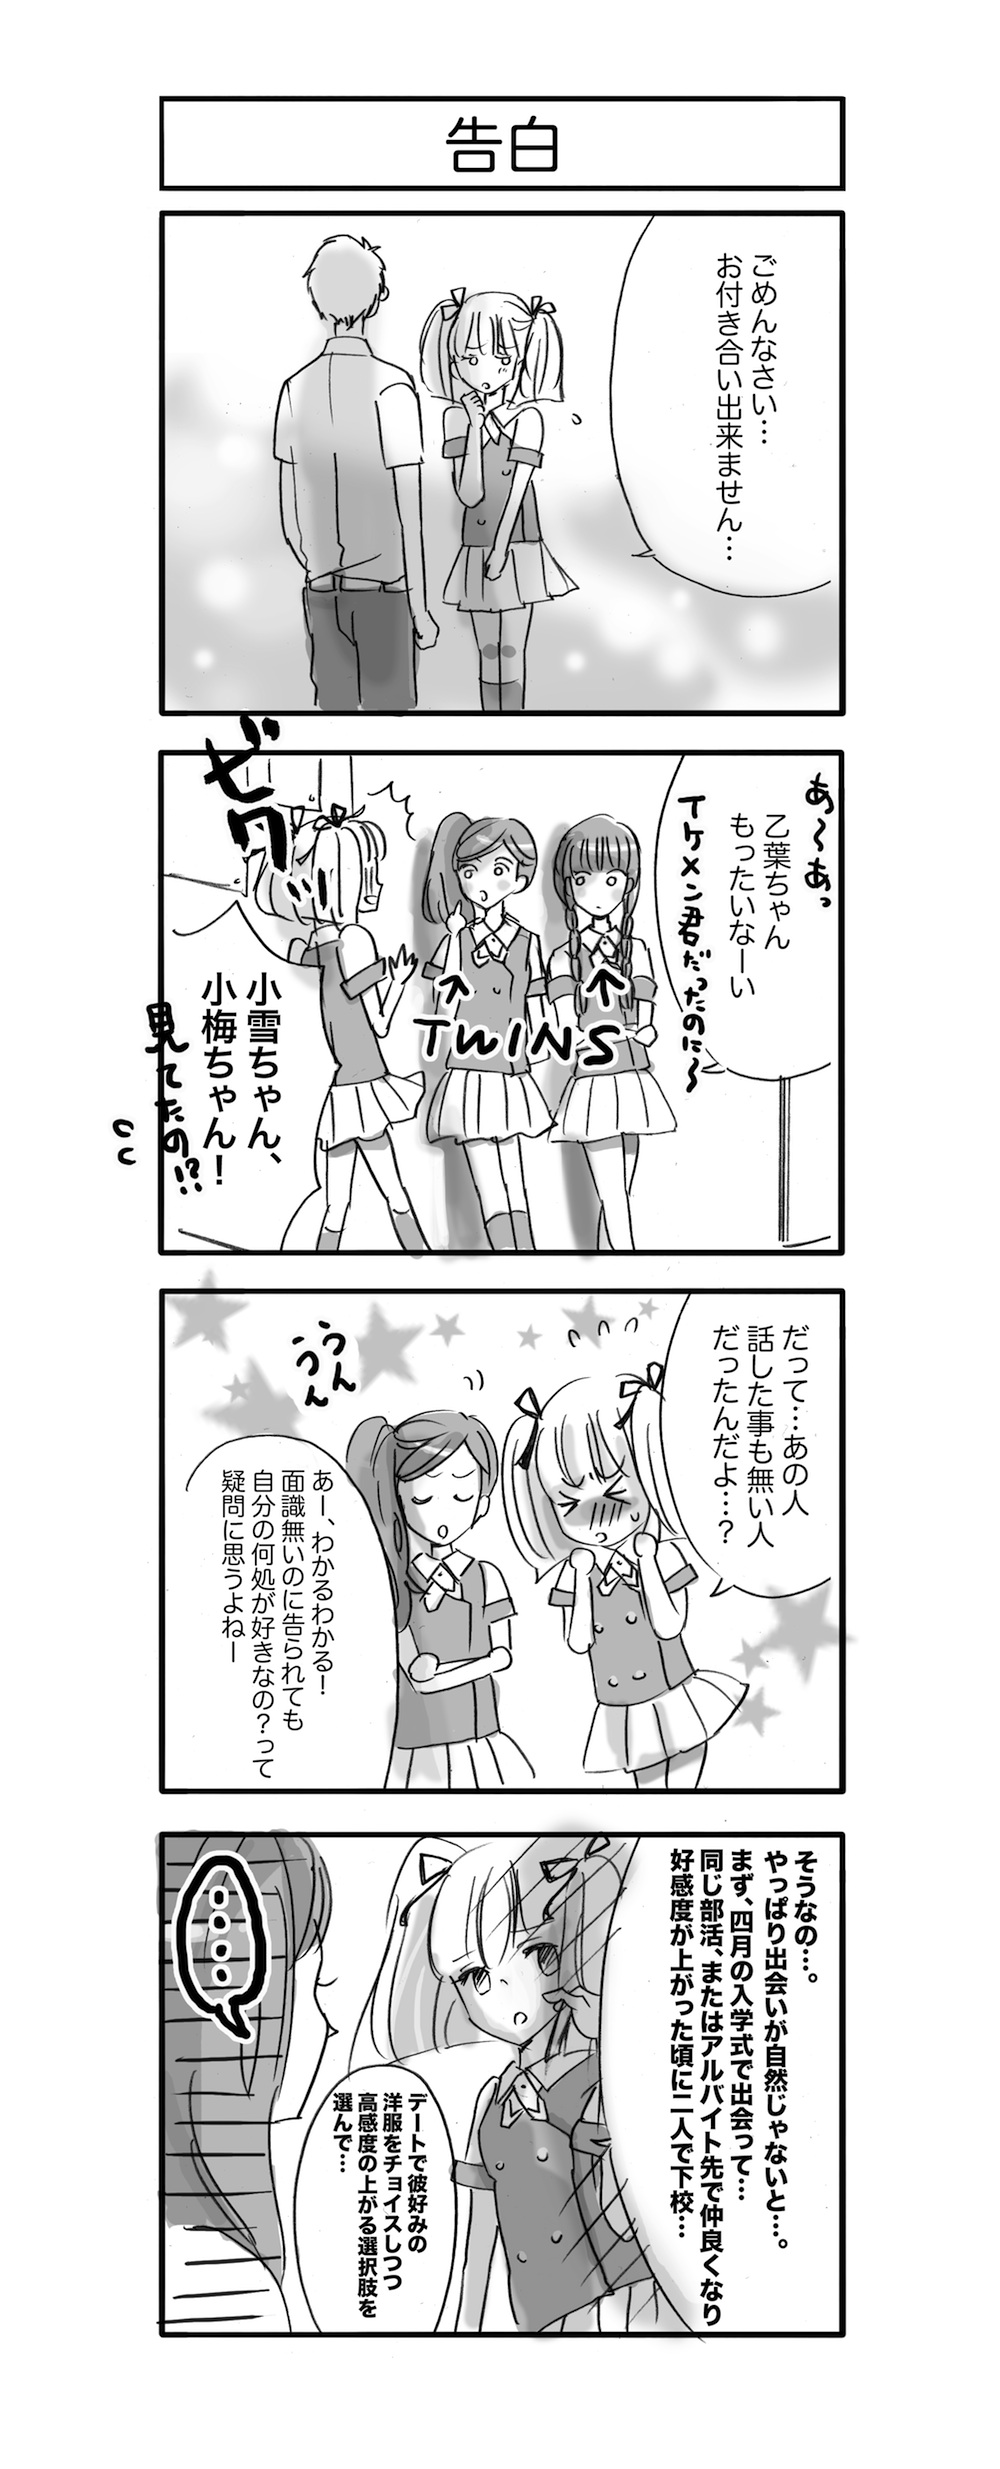 ゲーム女子マンガ 第五話